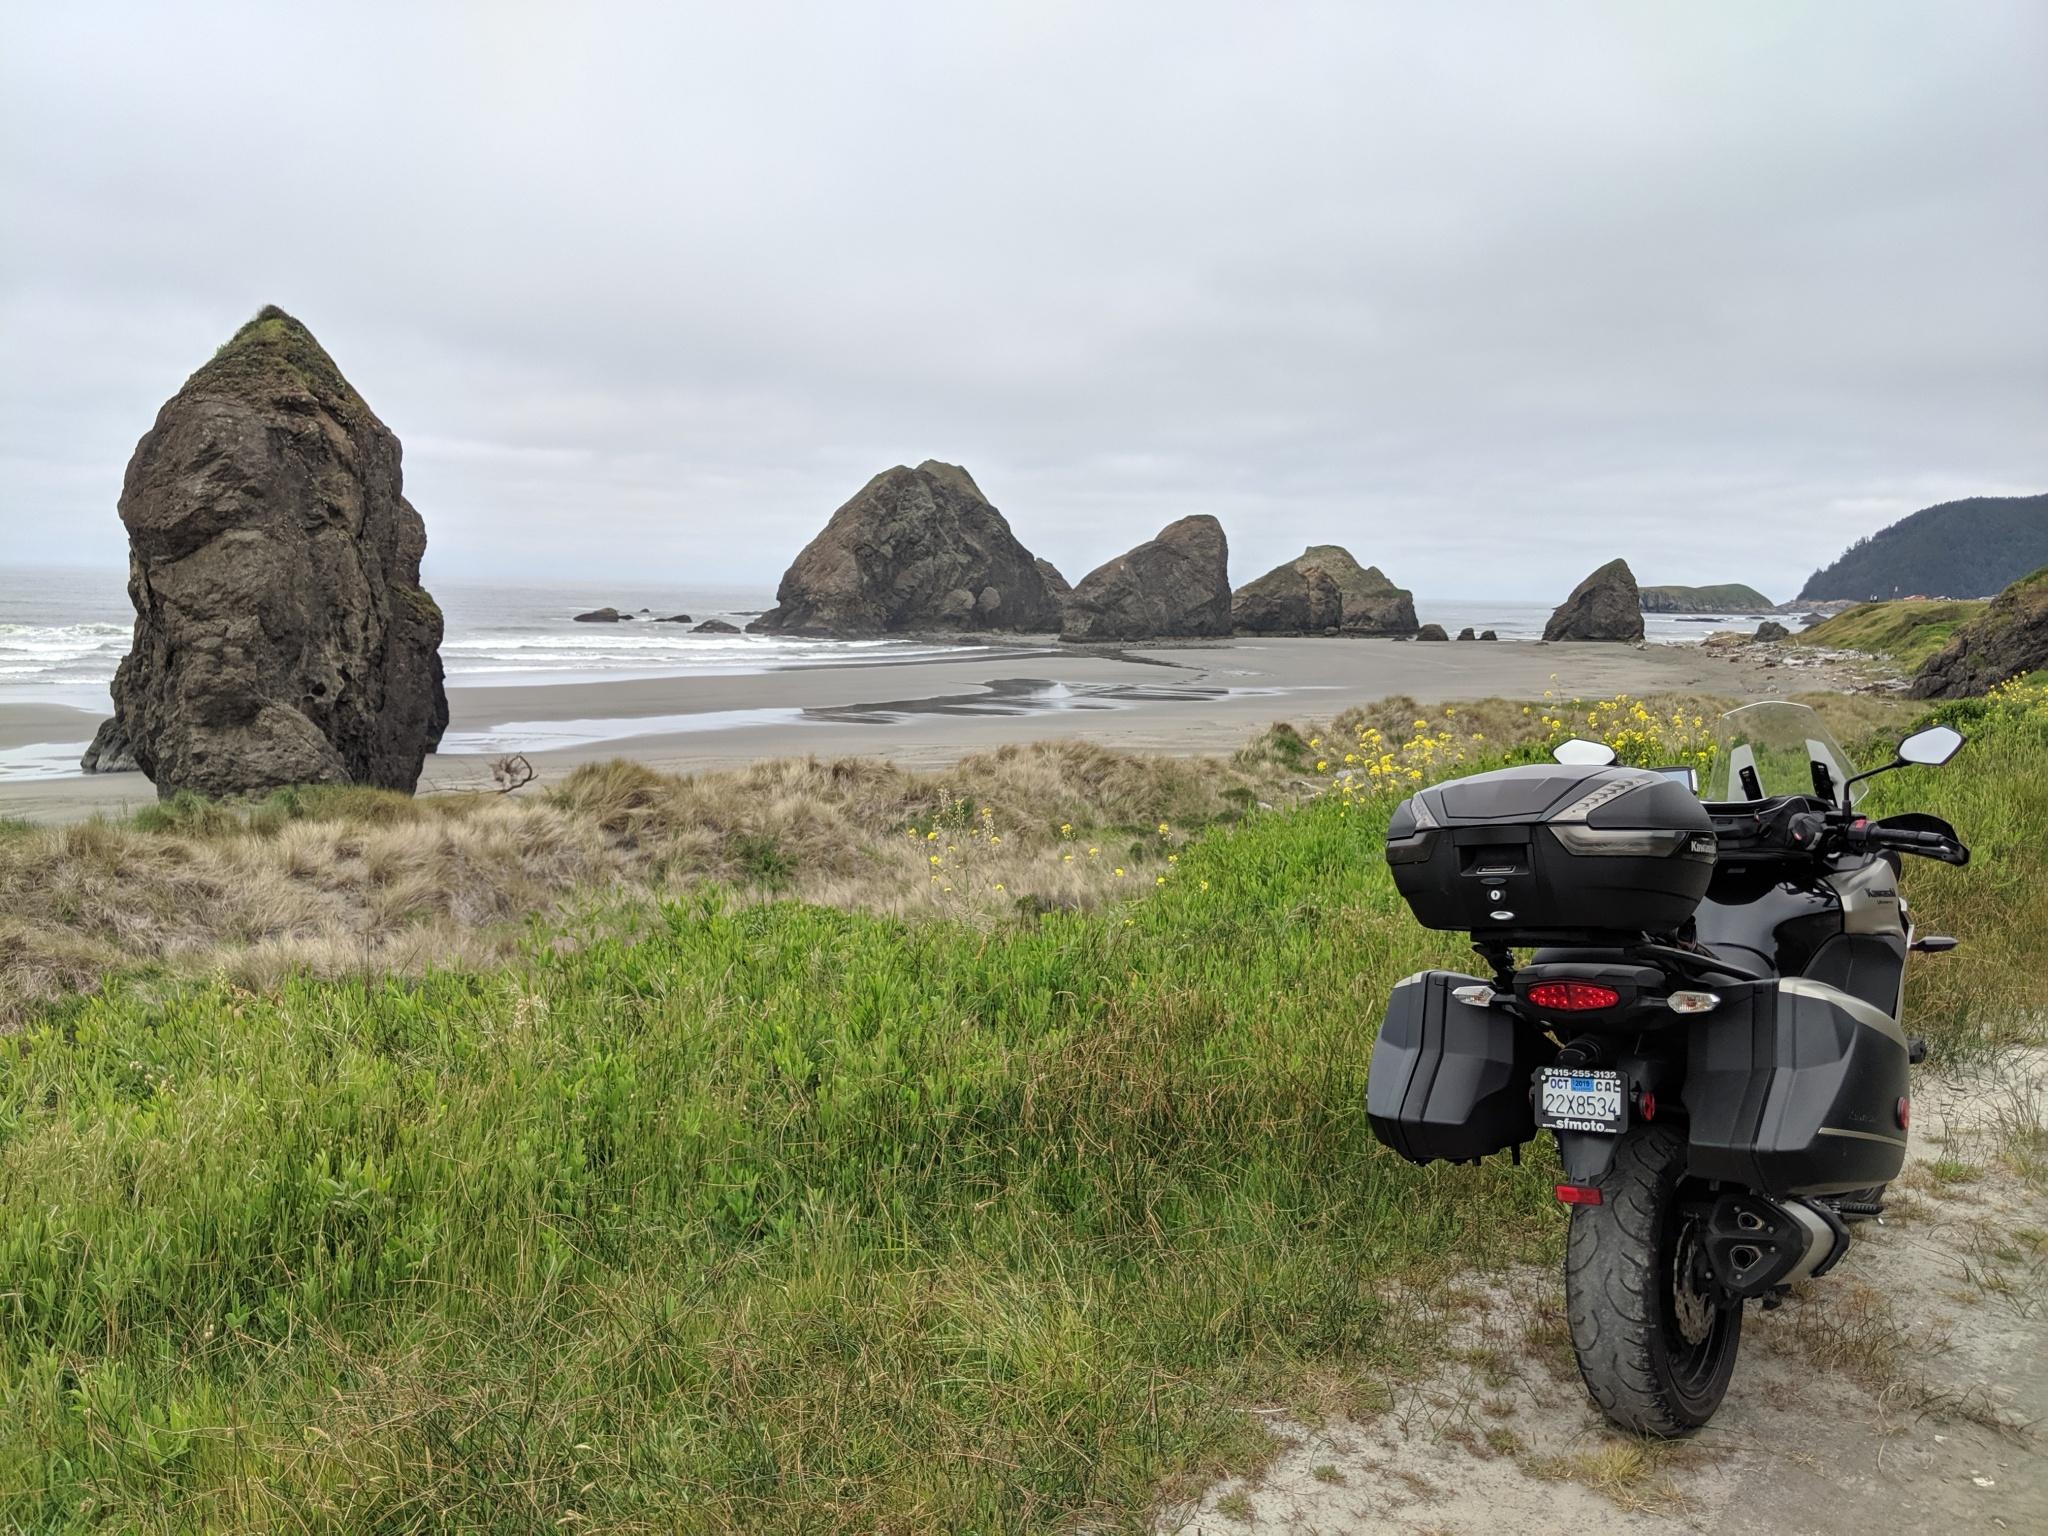 Spettacolari scogli lungo la bellissima e selvaggia costa dell'Oregon del sud. Bellissima e in questa stagione anche freddissima, in particolare quando la si percorre in sella a una Kawasaki Versys.